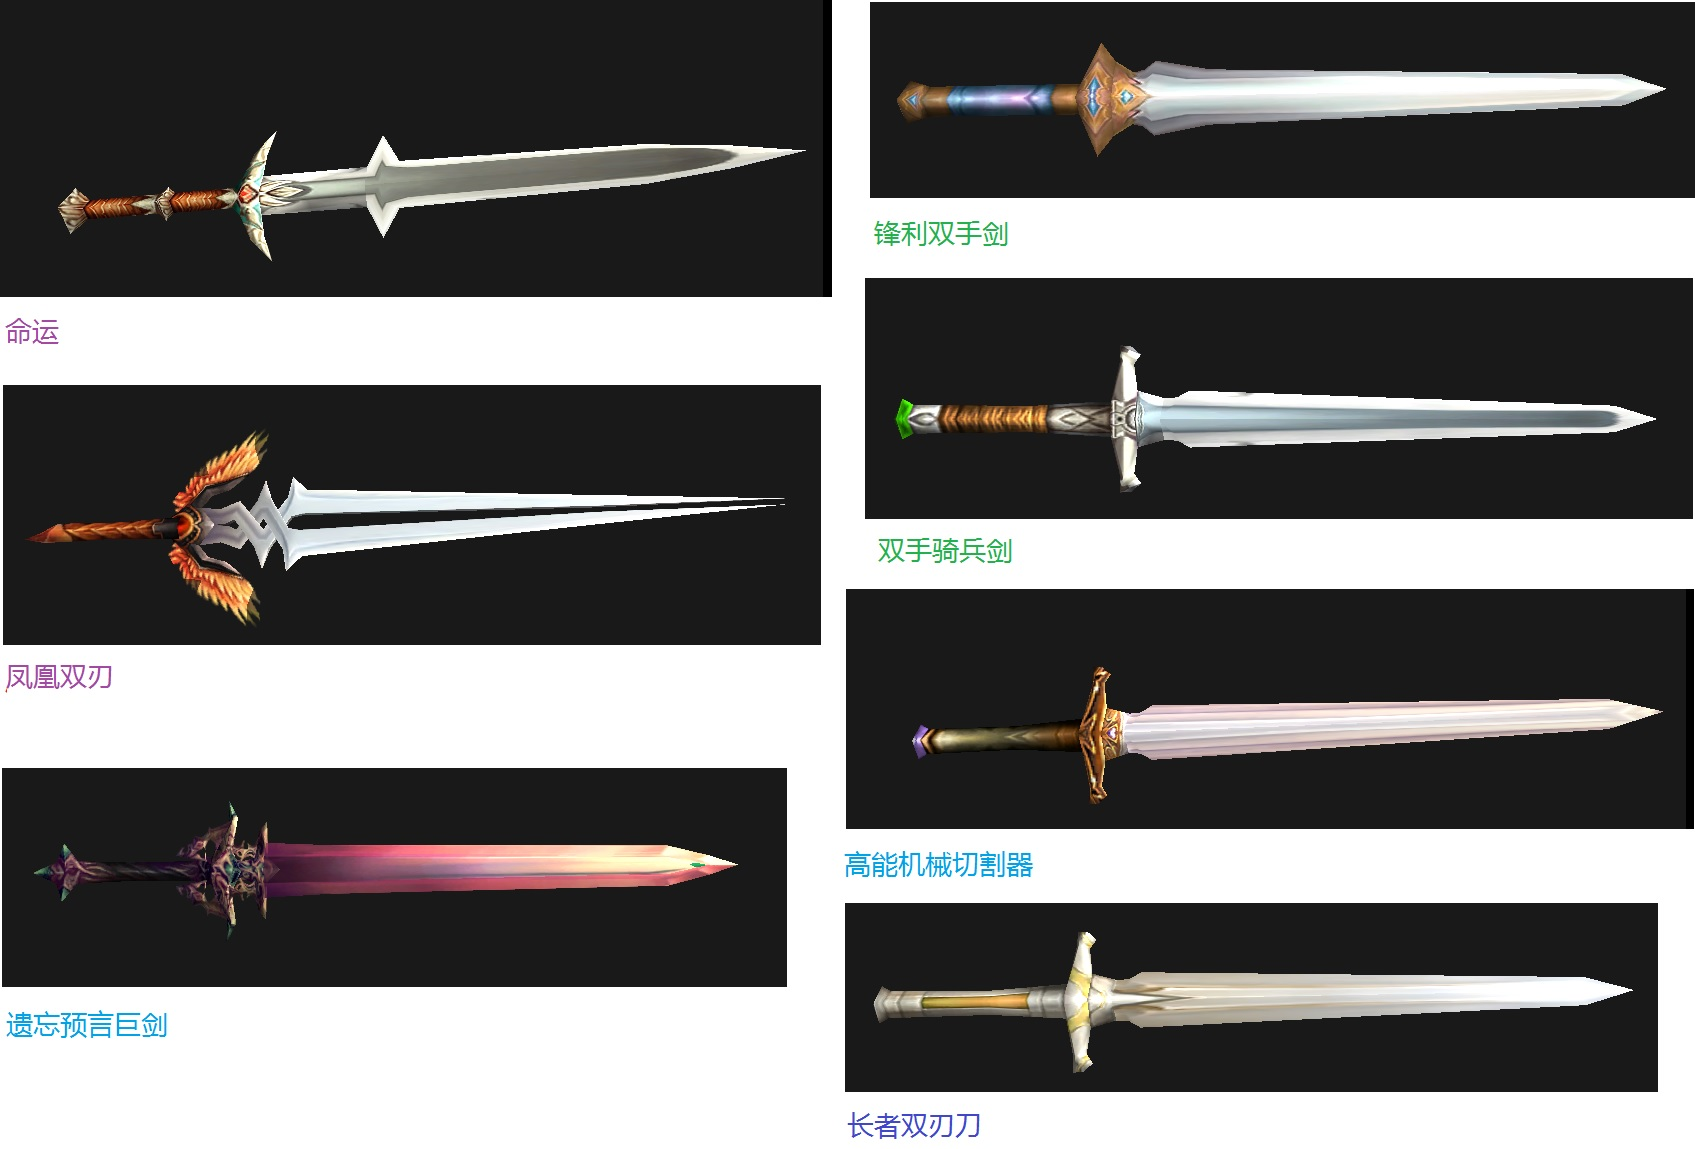 魔兽世界双手剑幻化